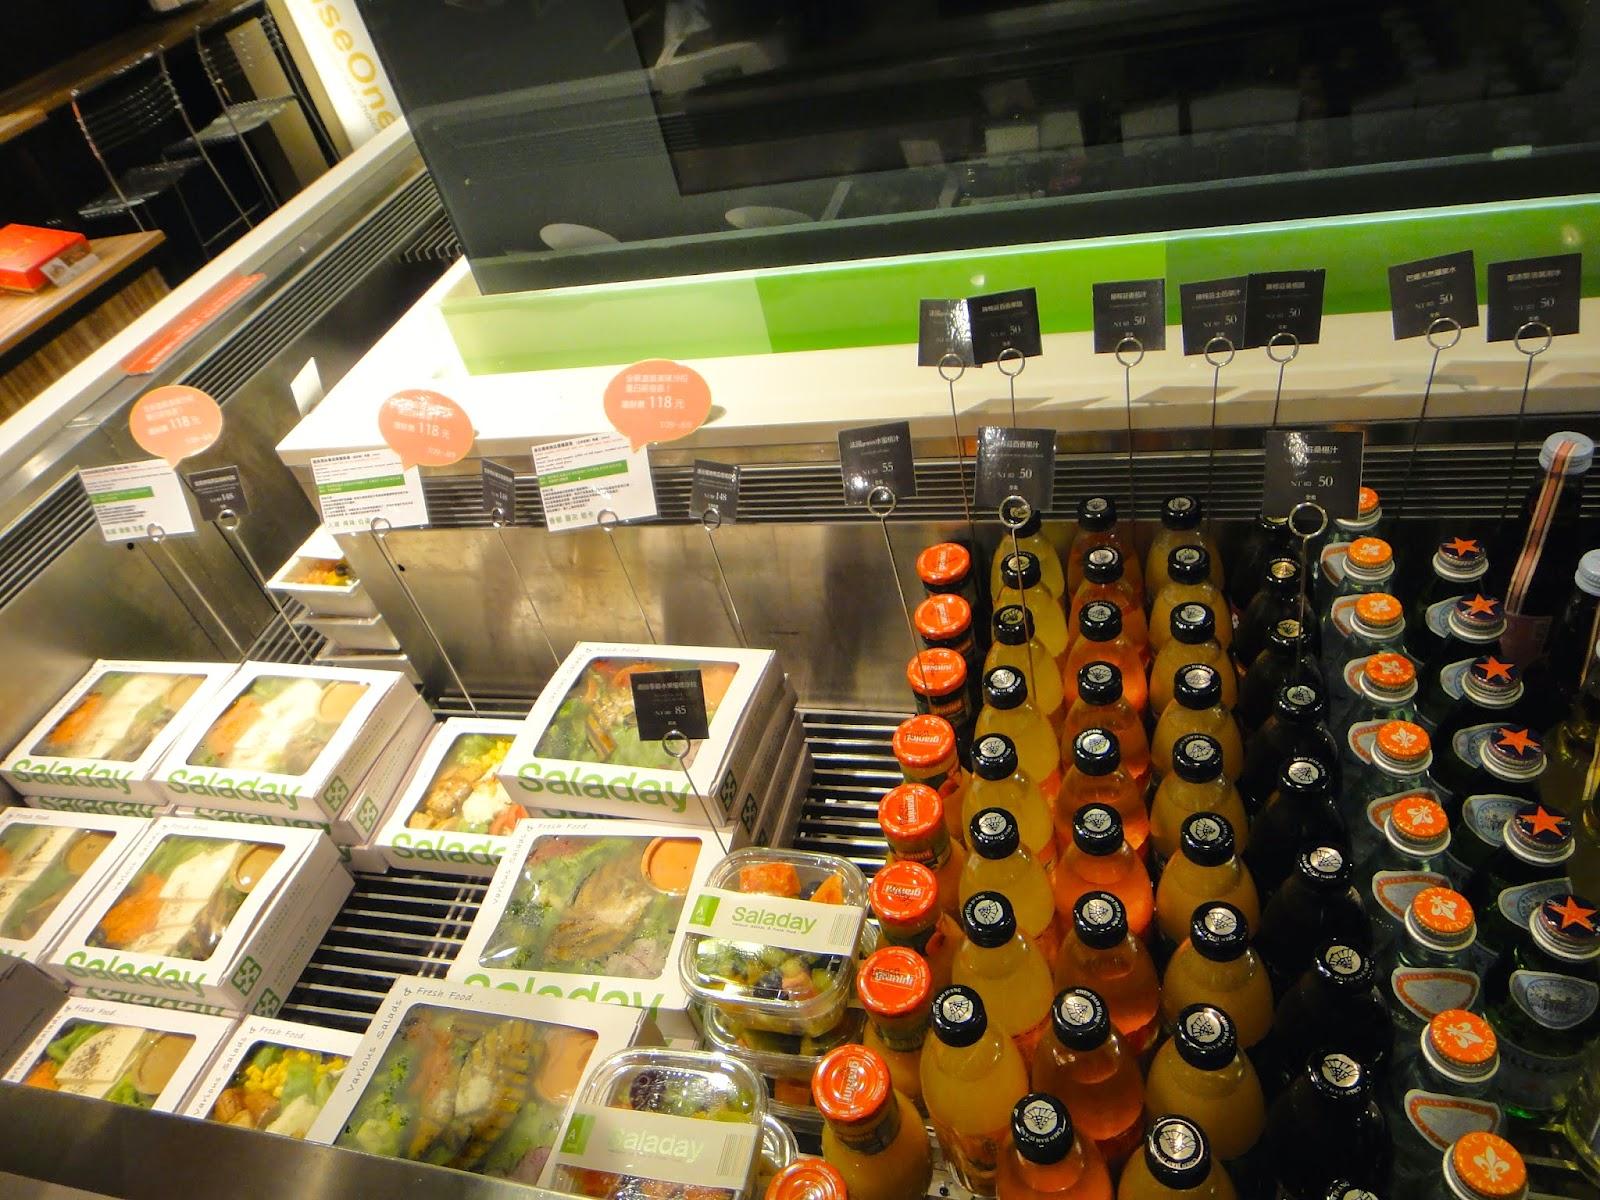 Saladay Salad Box and Drinks